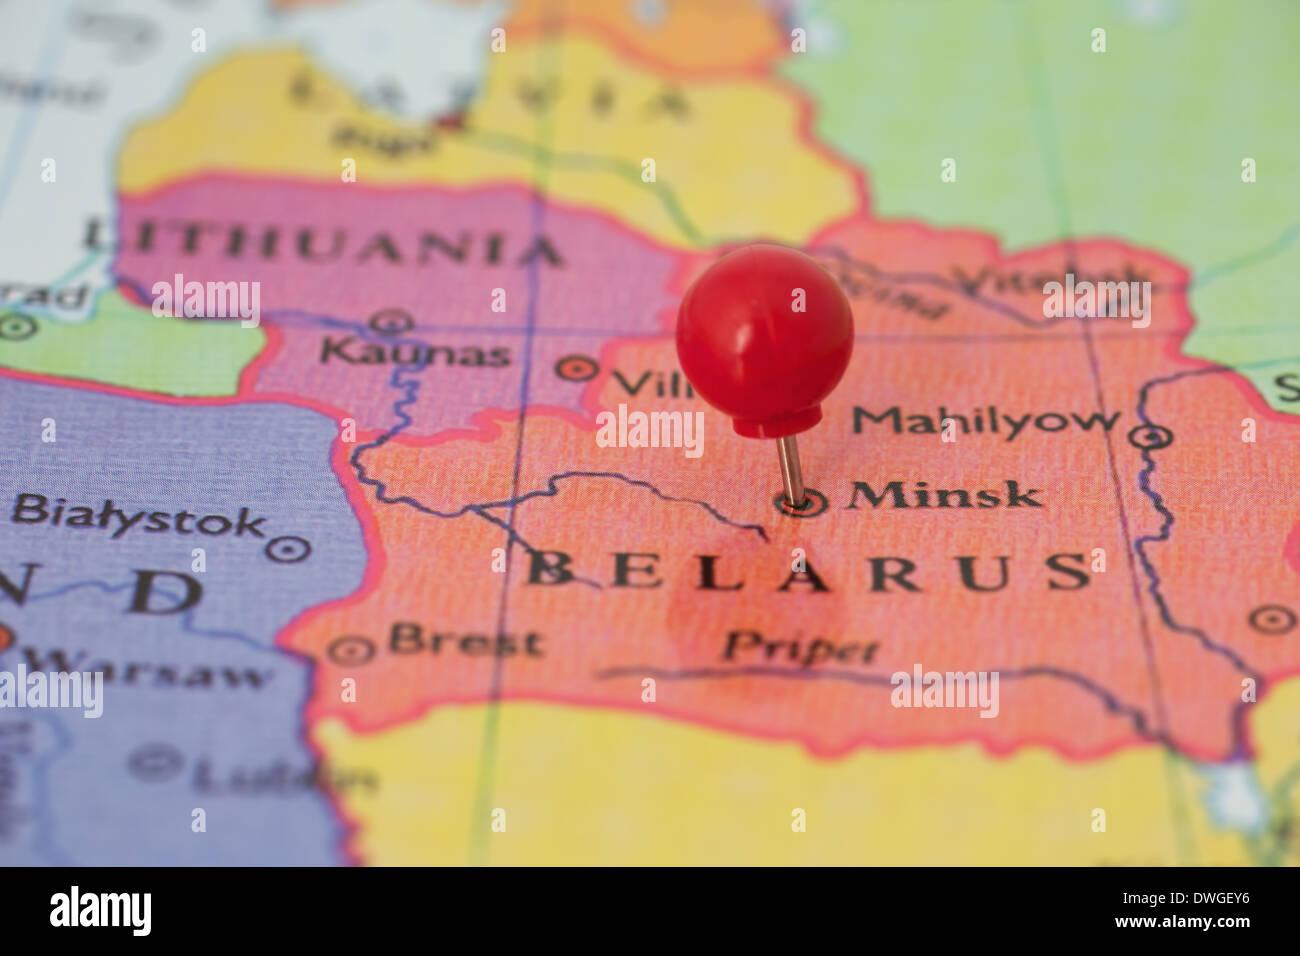 Runde Rote Daumen Gestochen Eingeklemmt Durch Stadt Minsk In Weissrussland Karte Teil Der Kollektion Deckt Alle Wichtige Hauptstadten Europas Stockfotografie Alamy